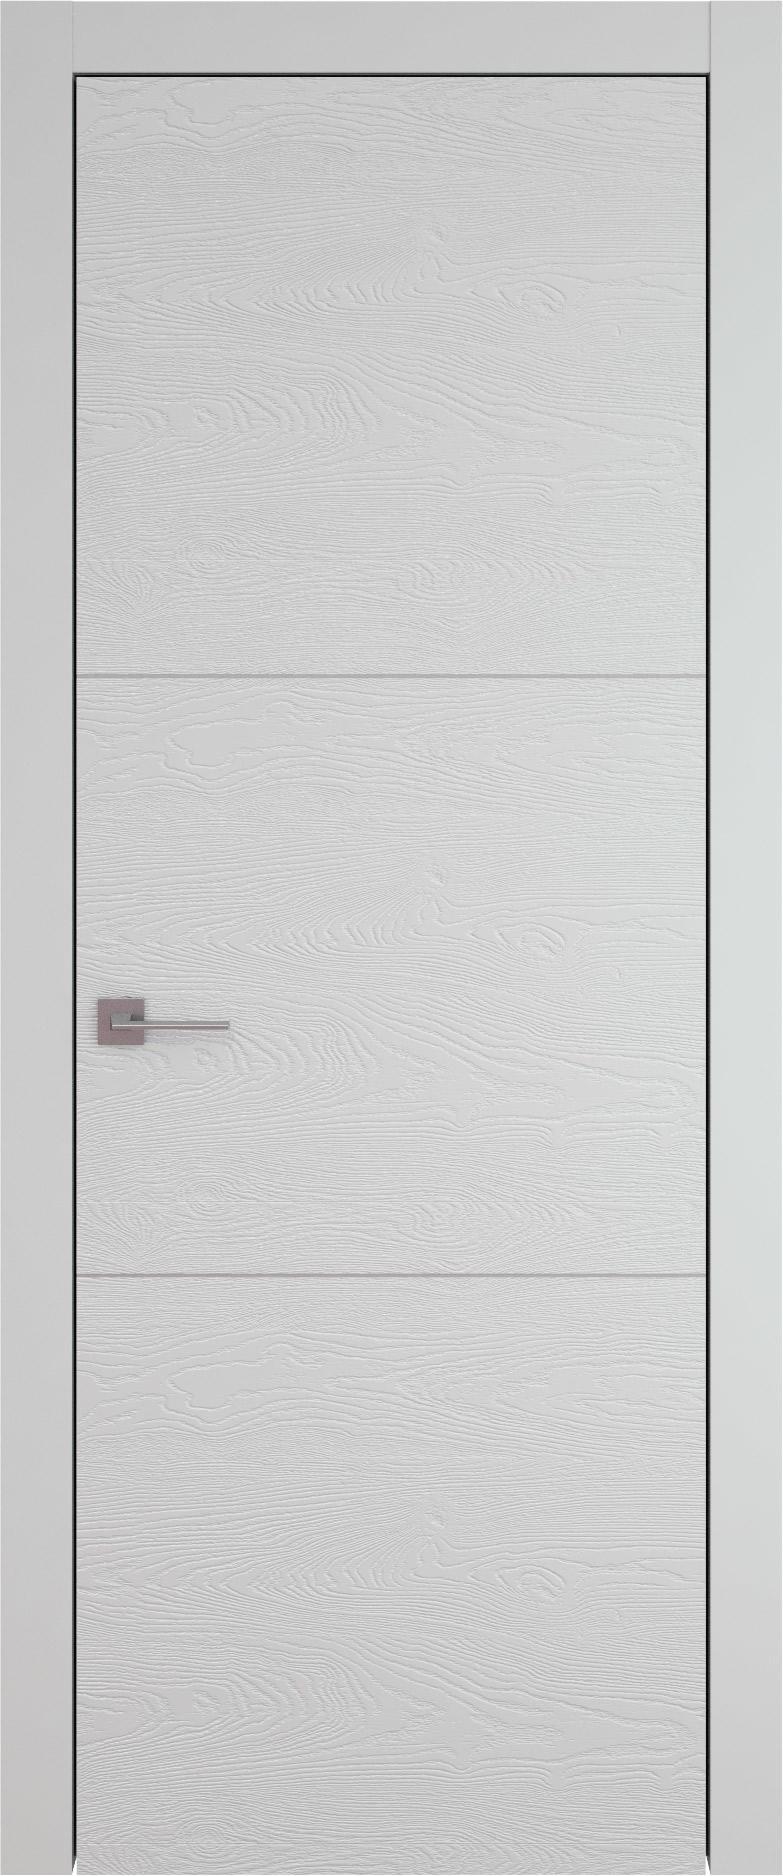 Tivoli В-3 цвет - Серая эмаль по шпону (RAL 7047) Без стекла (ДГ)